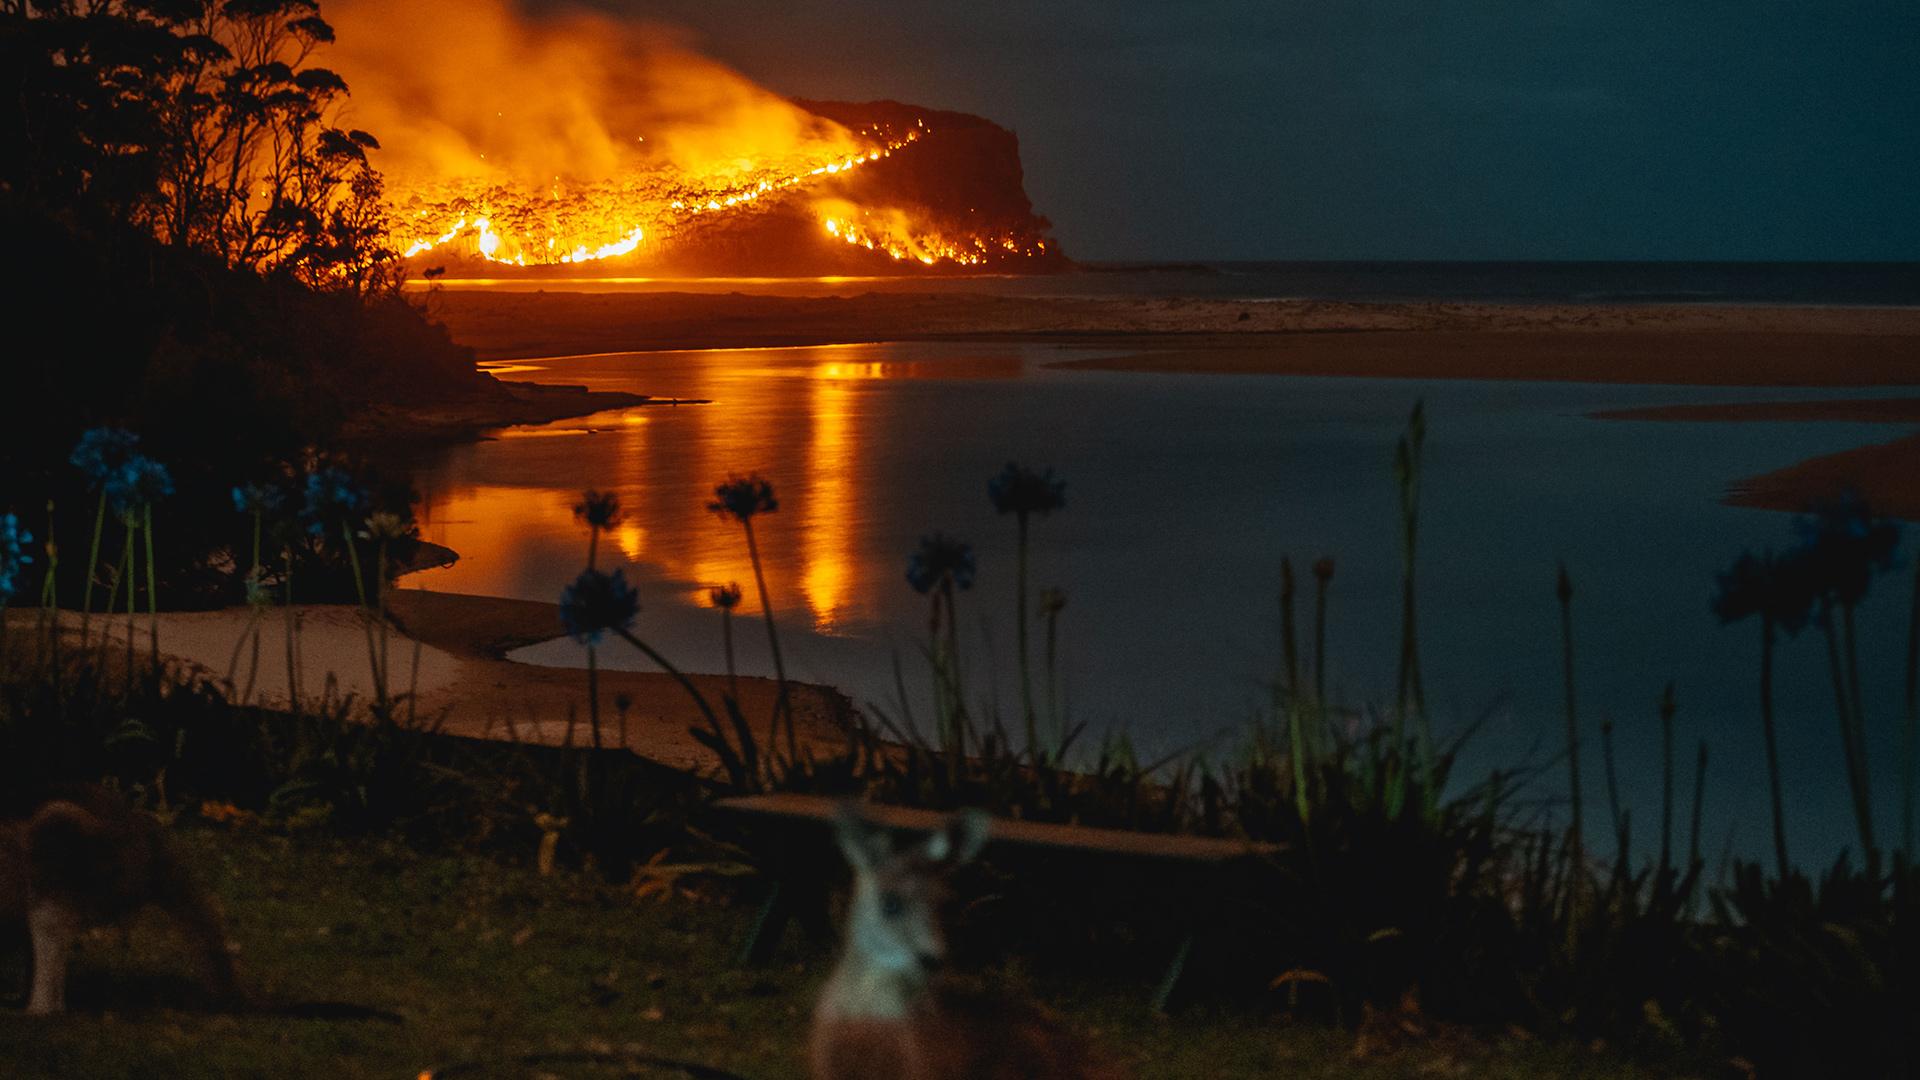 Feuer in Australien: Die Menschen und Tiere brauchen dringend Hilfe. © Josh Burkinshaw